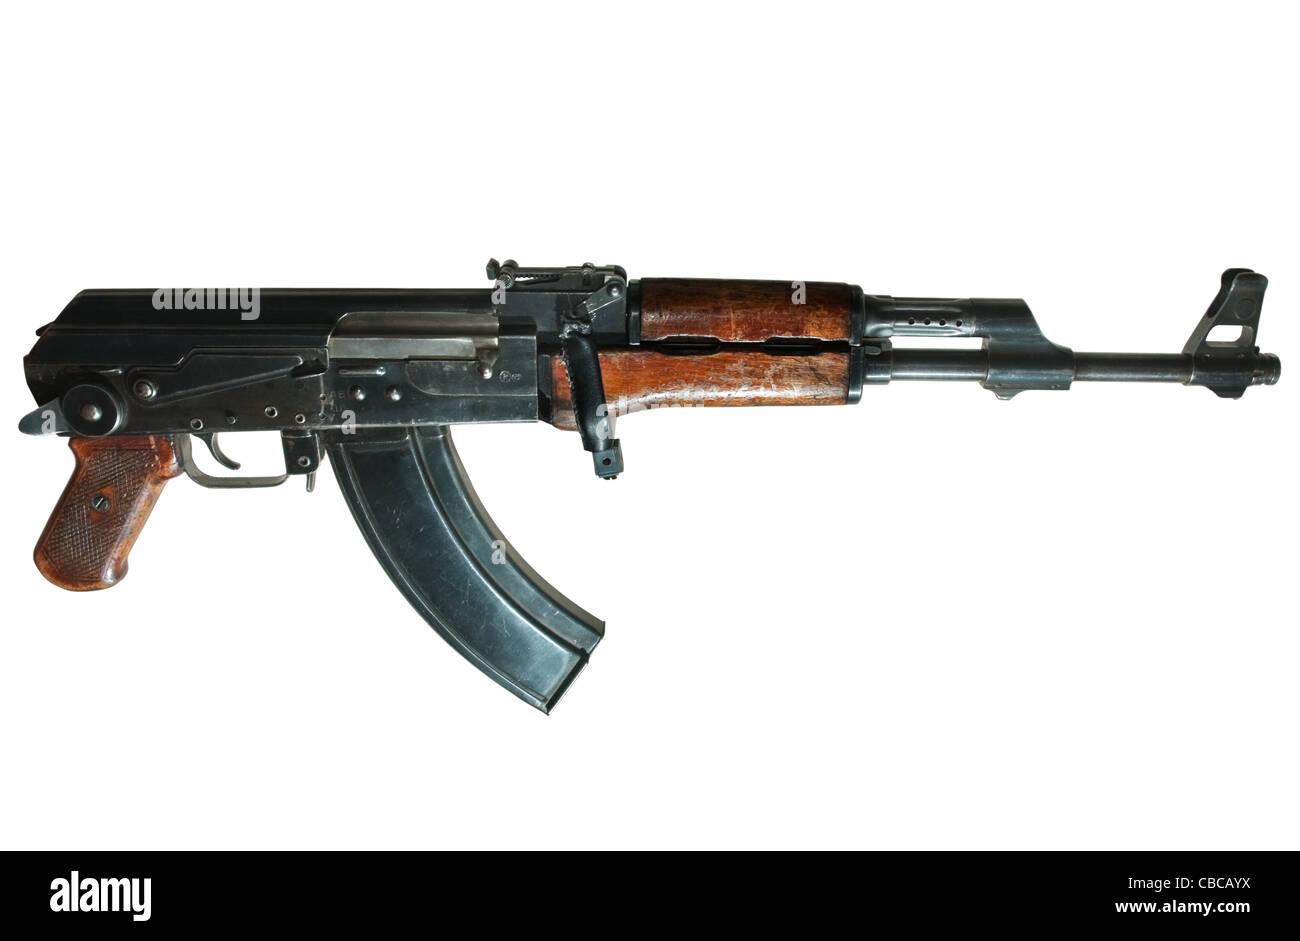 Kalashnikov Ak Stock Photos & Kalashnikov Ak Stock Images